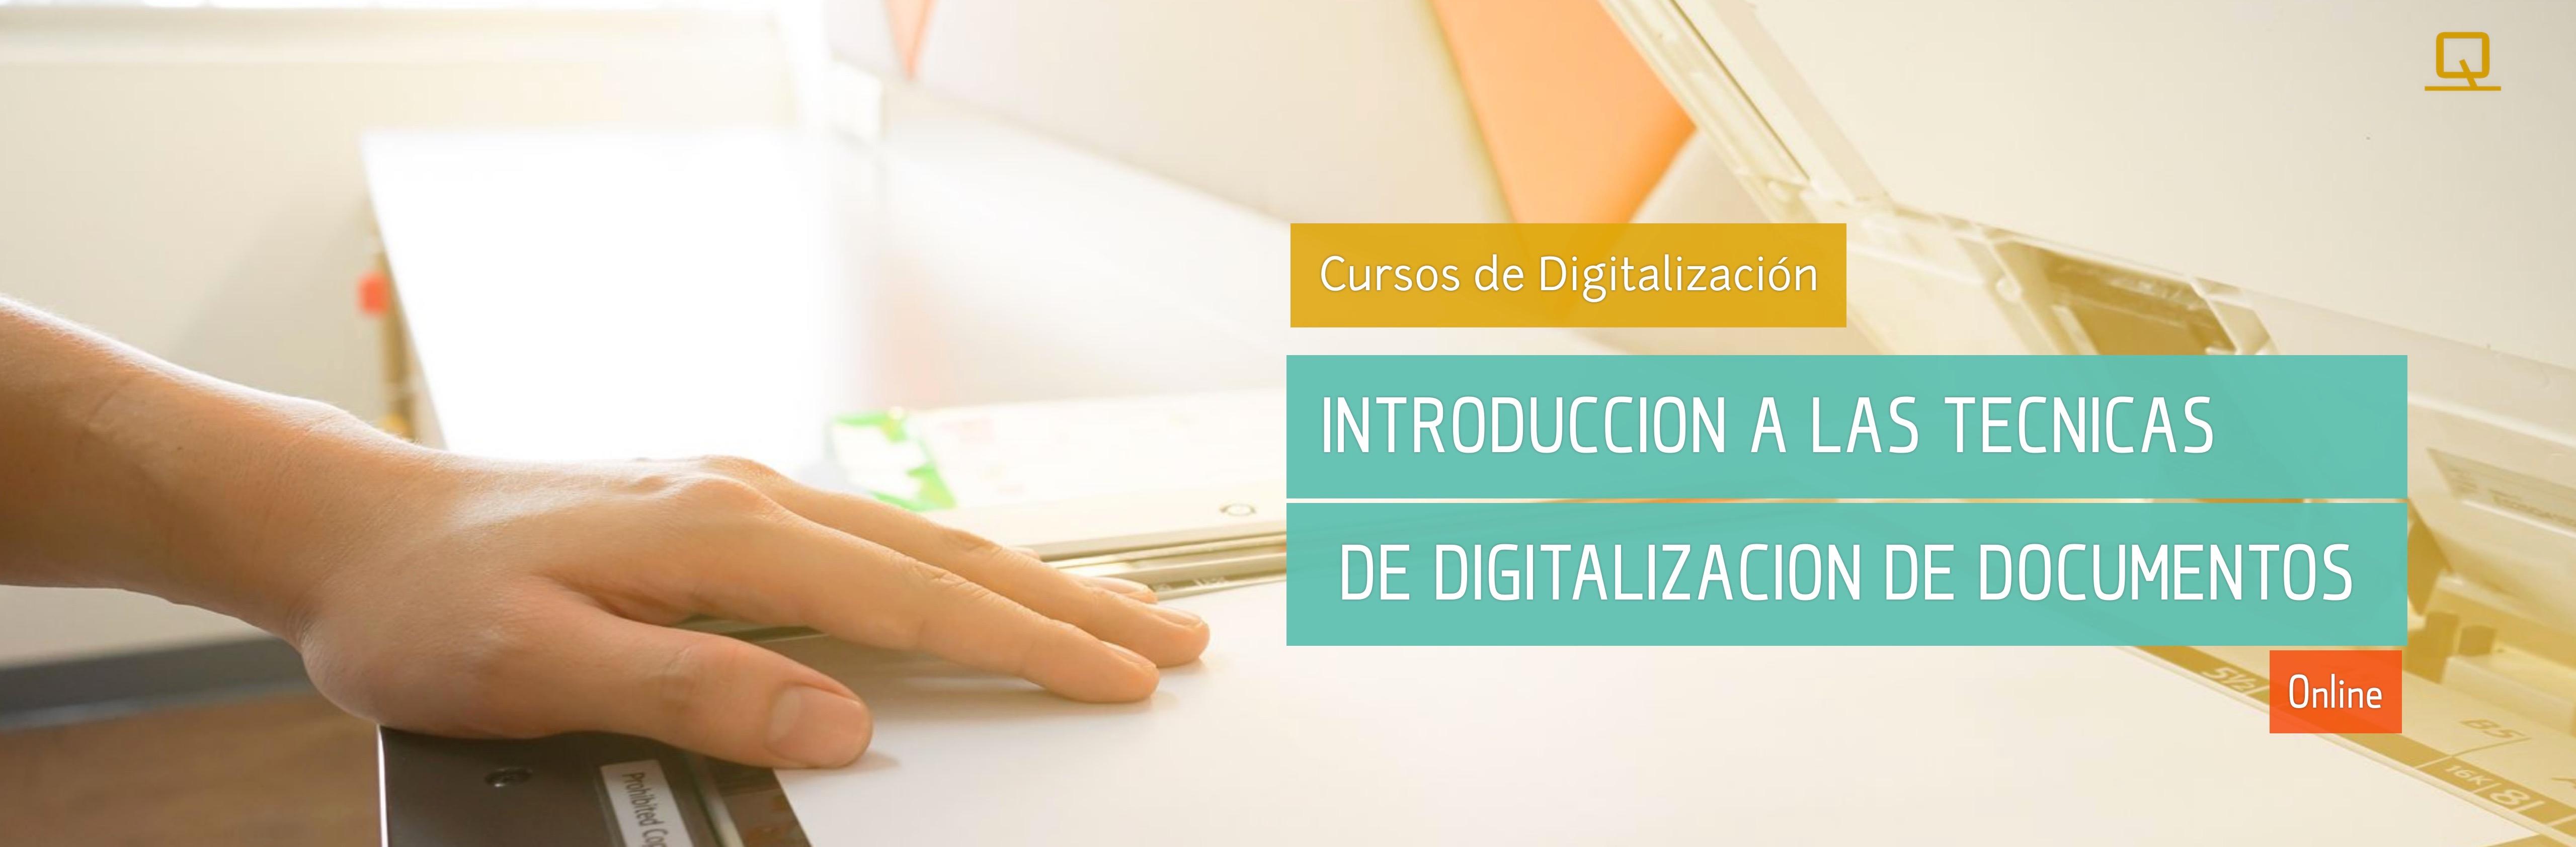 Curso de Introducción a las técnicas de digitalización de documentos